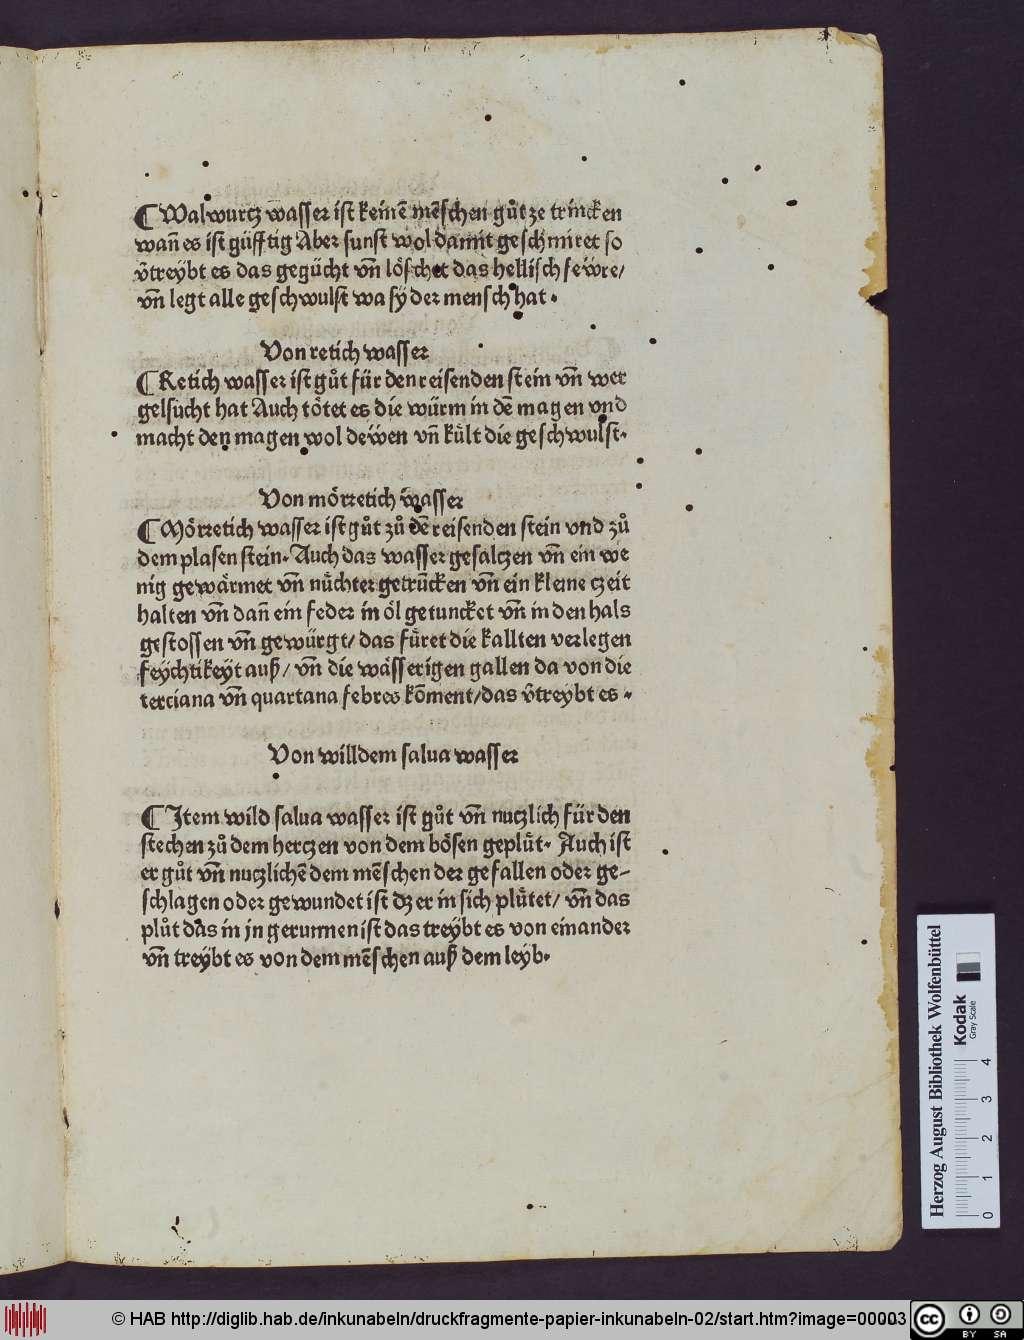 http://diglib.hab.de/inkunabeln/druckfragmente-papier-inkunabeln-02/00003.jpg